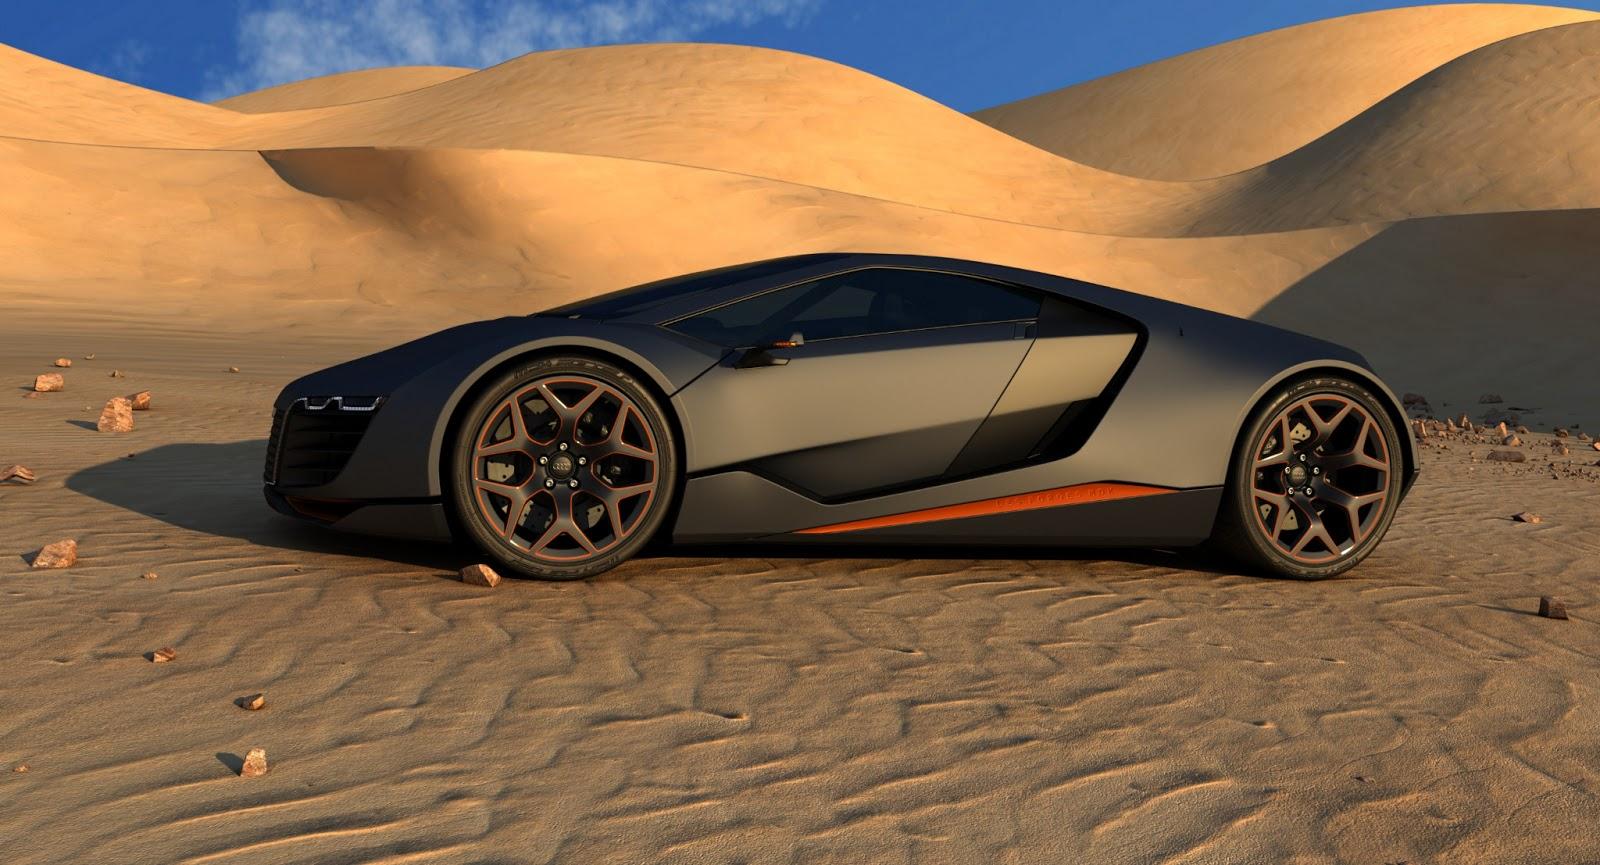 Montreal Designer Maxime De Keiser Envisions Future Audi